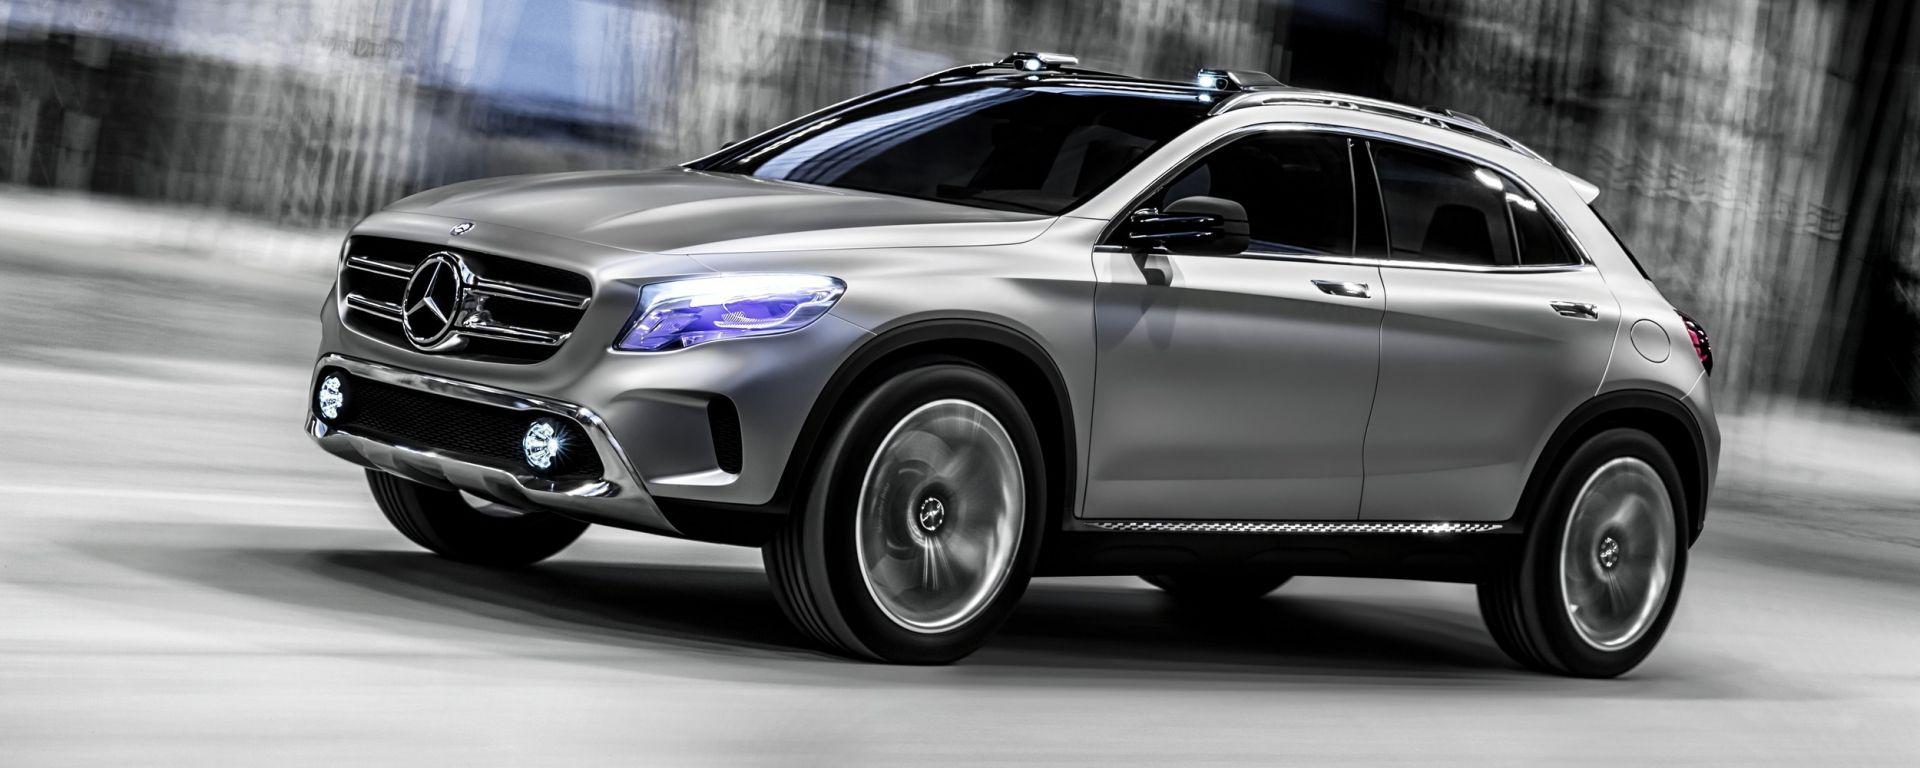 Mercedes: nel 2022 nuova entry-level più piccola di Classe A?